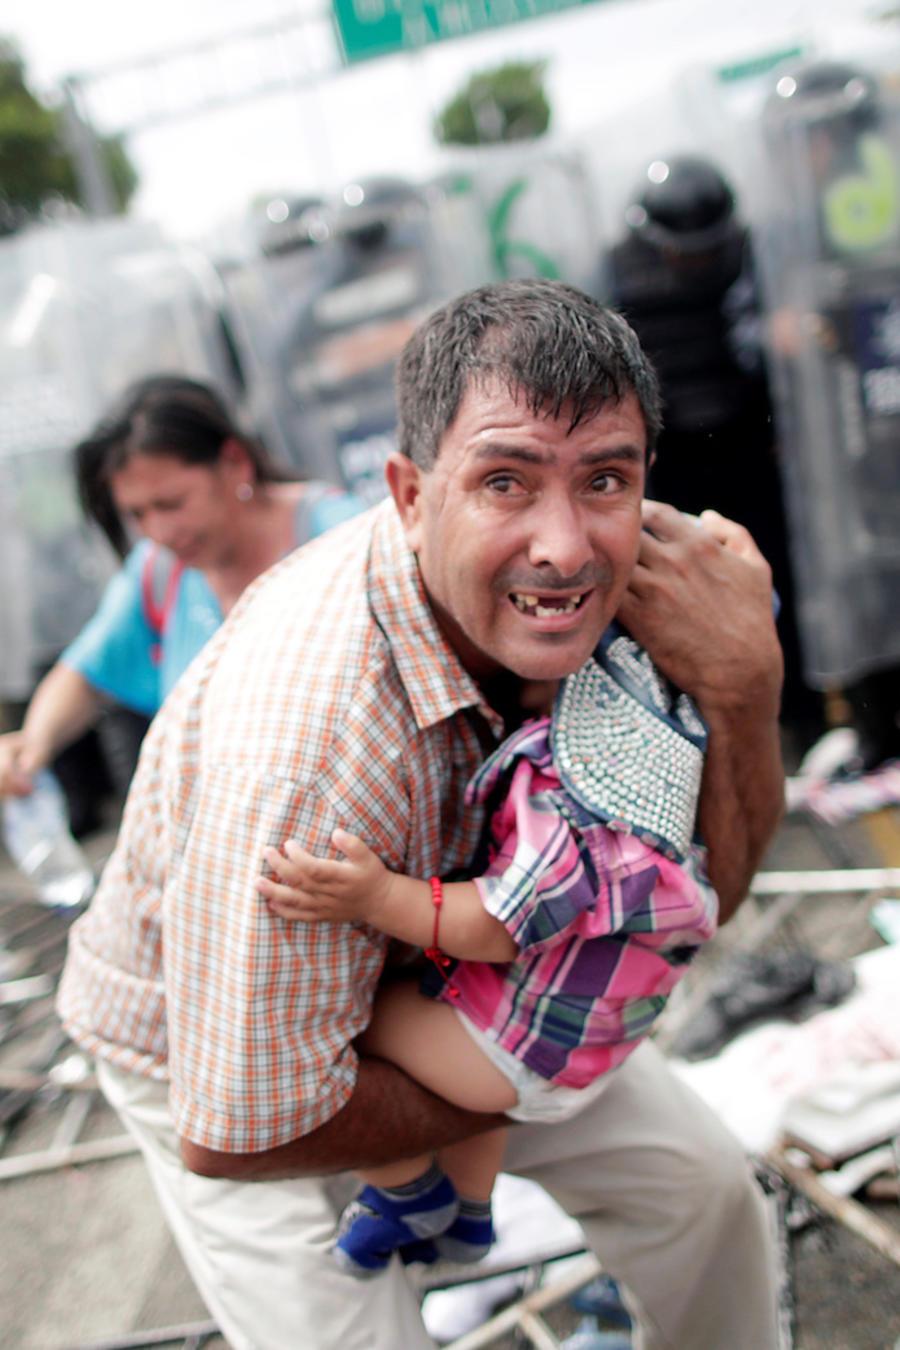 Un padre progege a su hijo mientras intenta cruzar a la carrera la frontera mexicana este viernes.